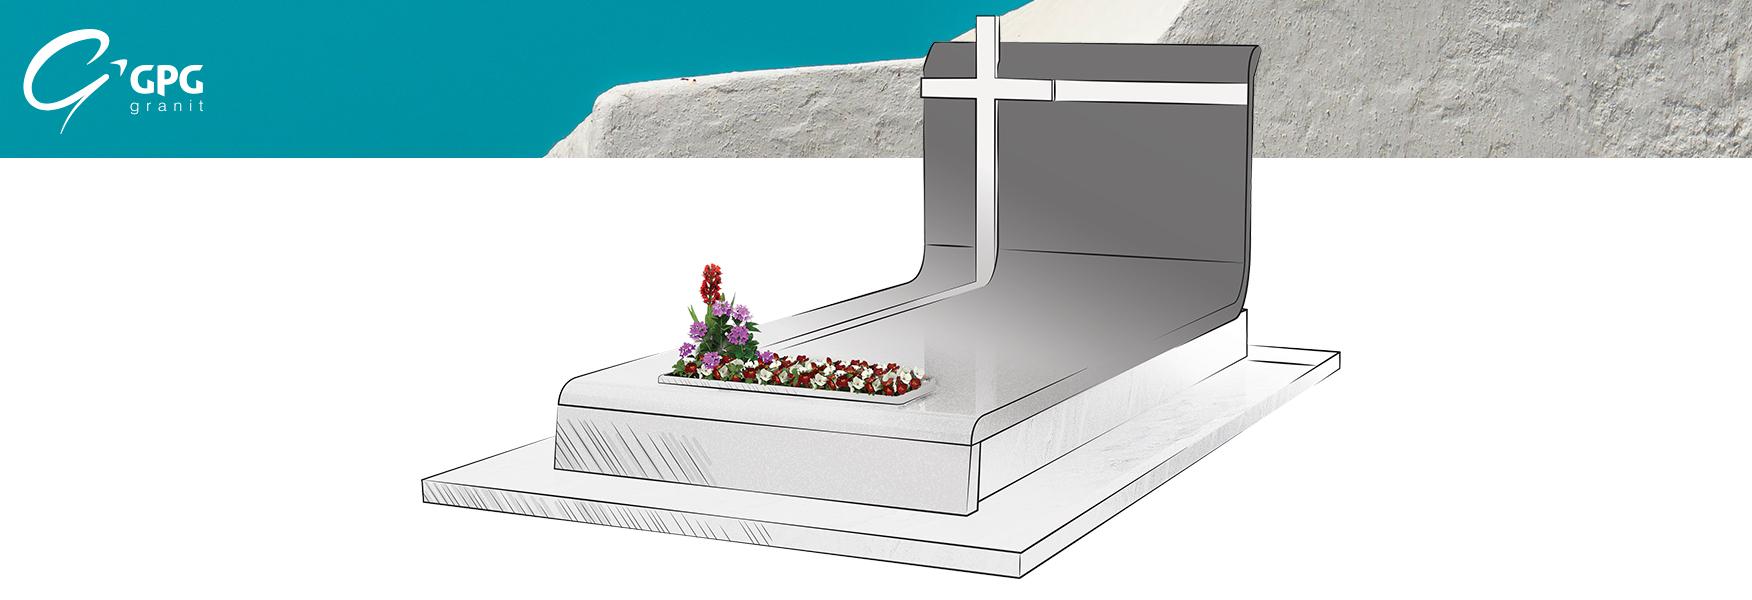 Sépulture en granit, moderne, avec ses fleurs